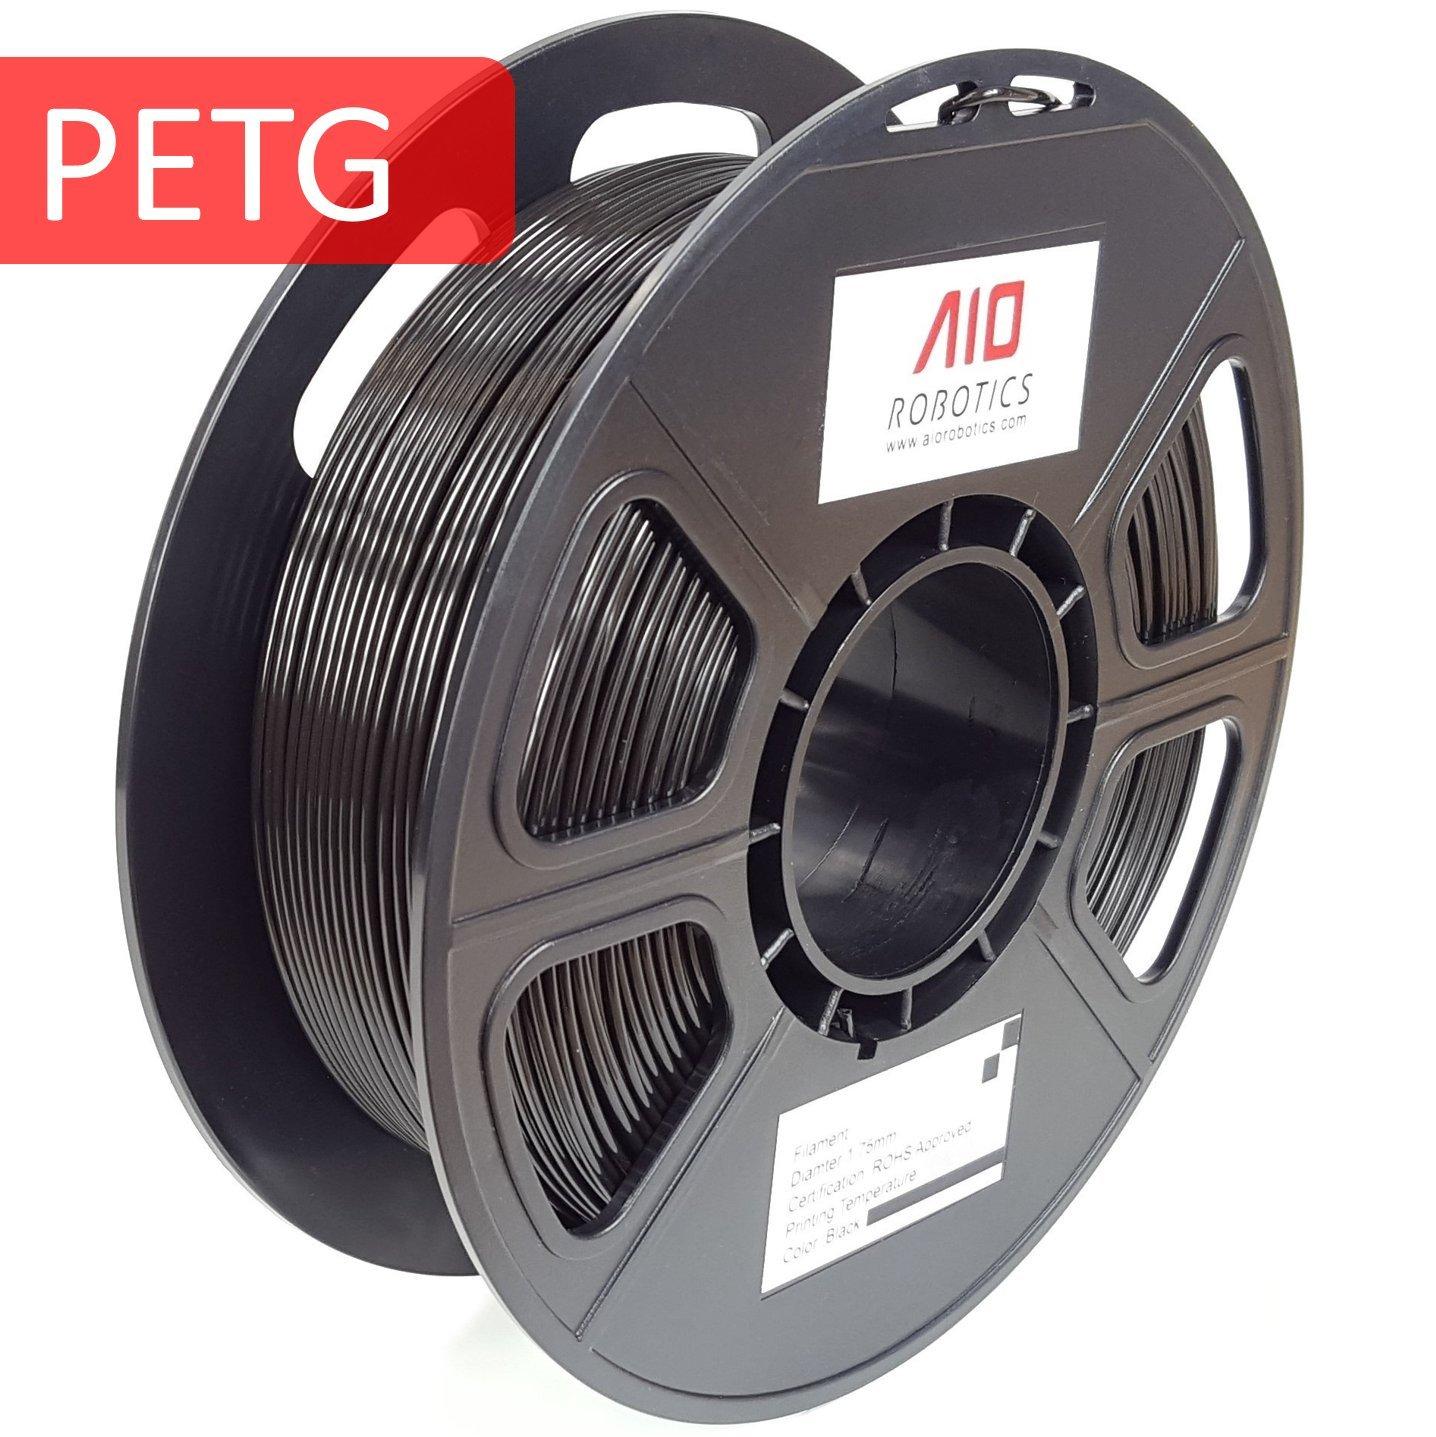 Filamento AIO Robotics Premium para impresoras 3D, PETG, 0,5 kg ...